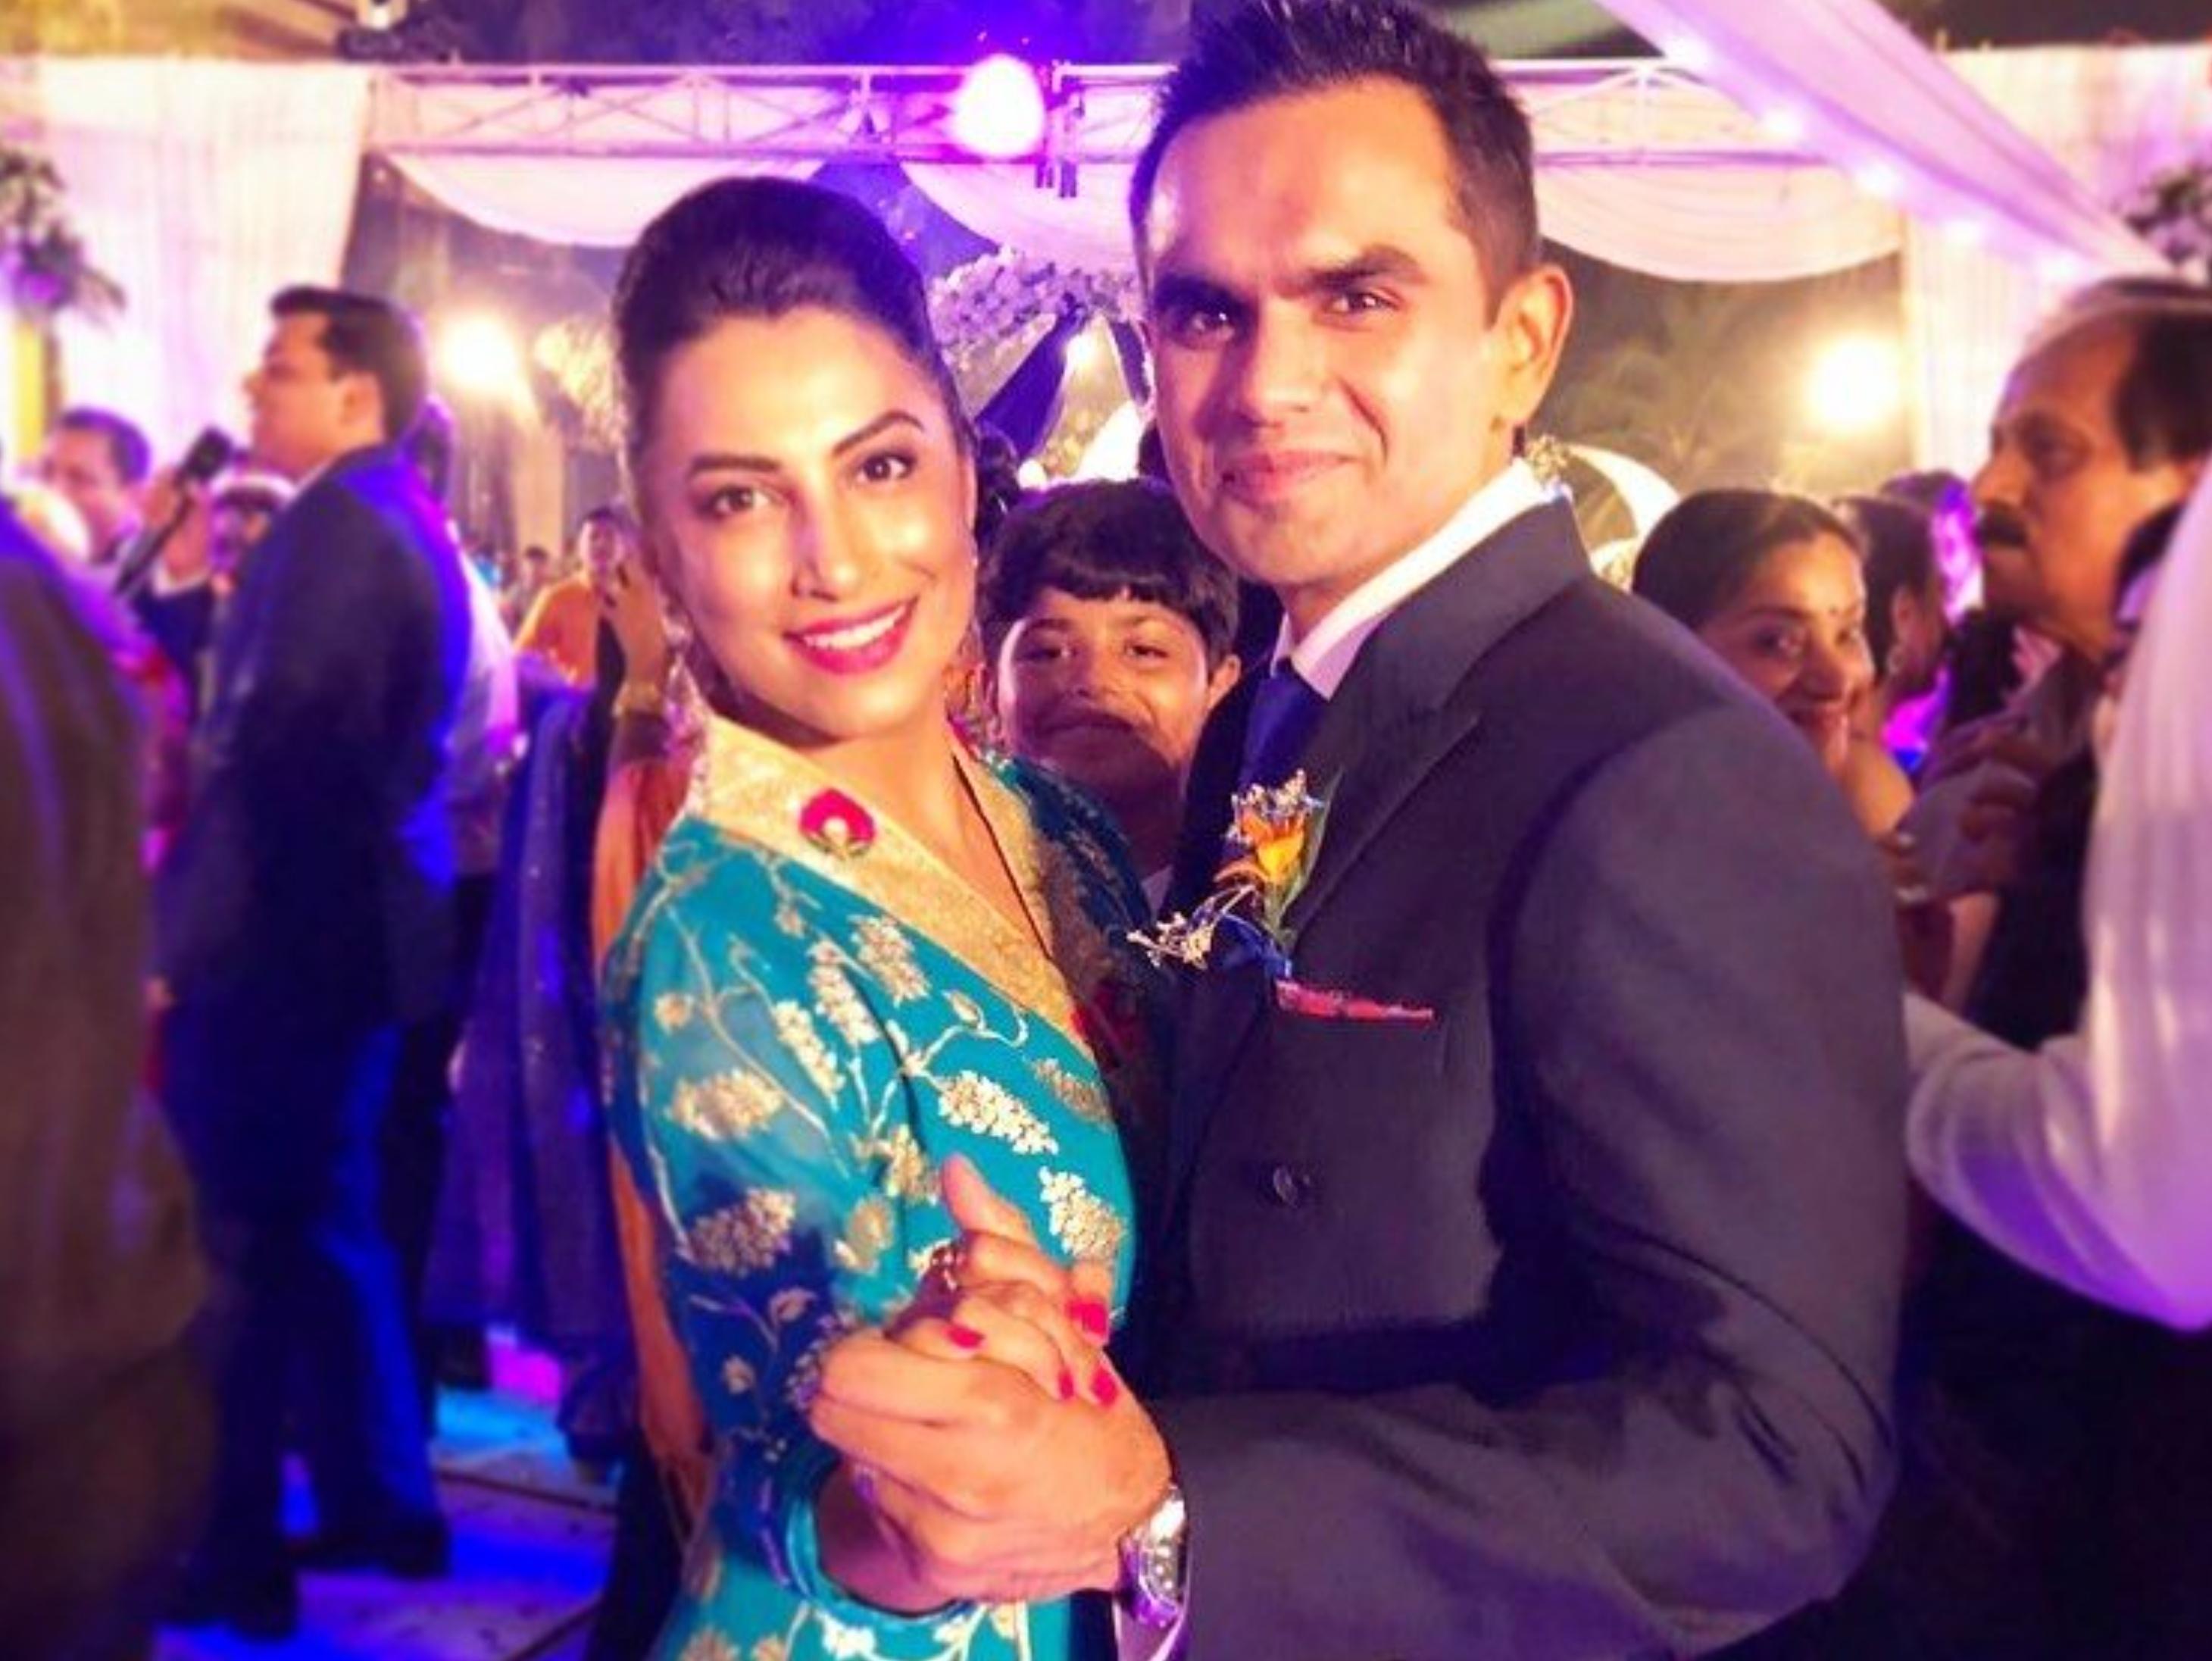 कभी IPL में स्पॉट फिक्सिंग में जुड़ा था नाम, अब समीर वानखेड़े की पत्नी बोलीं- पहले आंकड़ों कीस्टडीकरें और फिर कमेंटकरें बॉलीवुड,Bollywood - Dainik Bhaskar